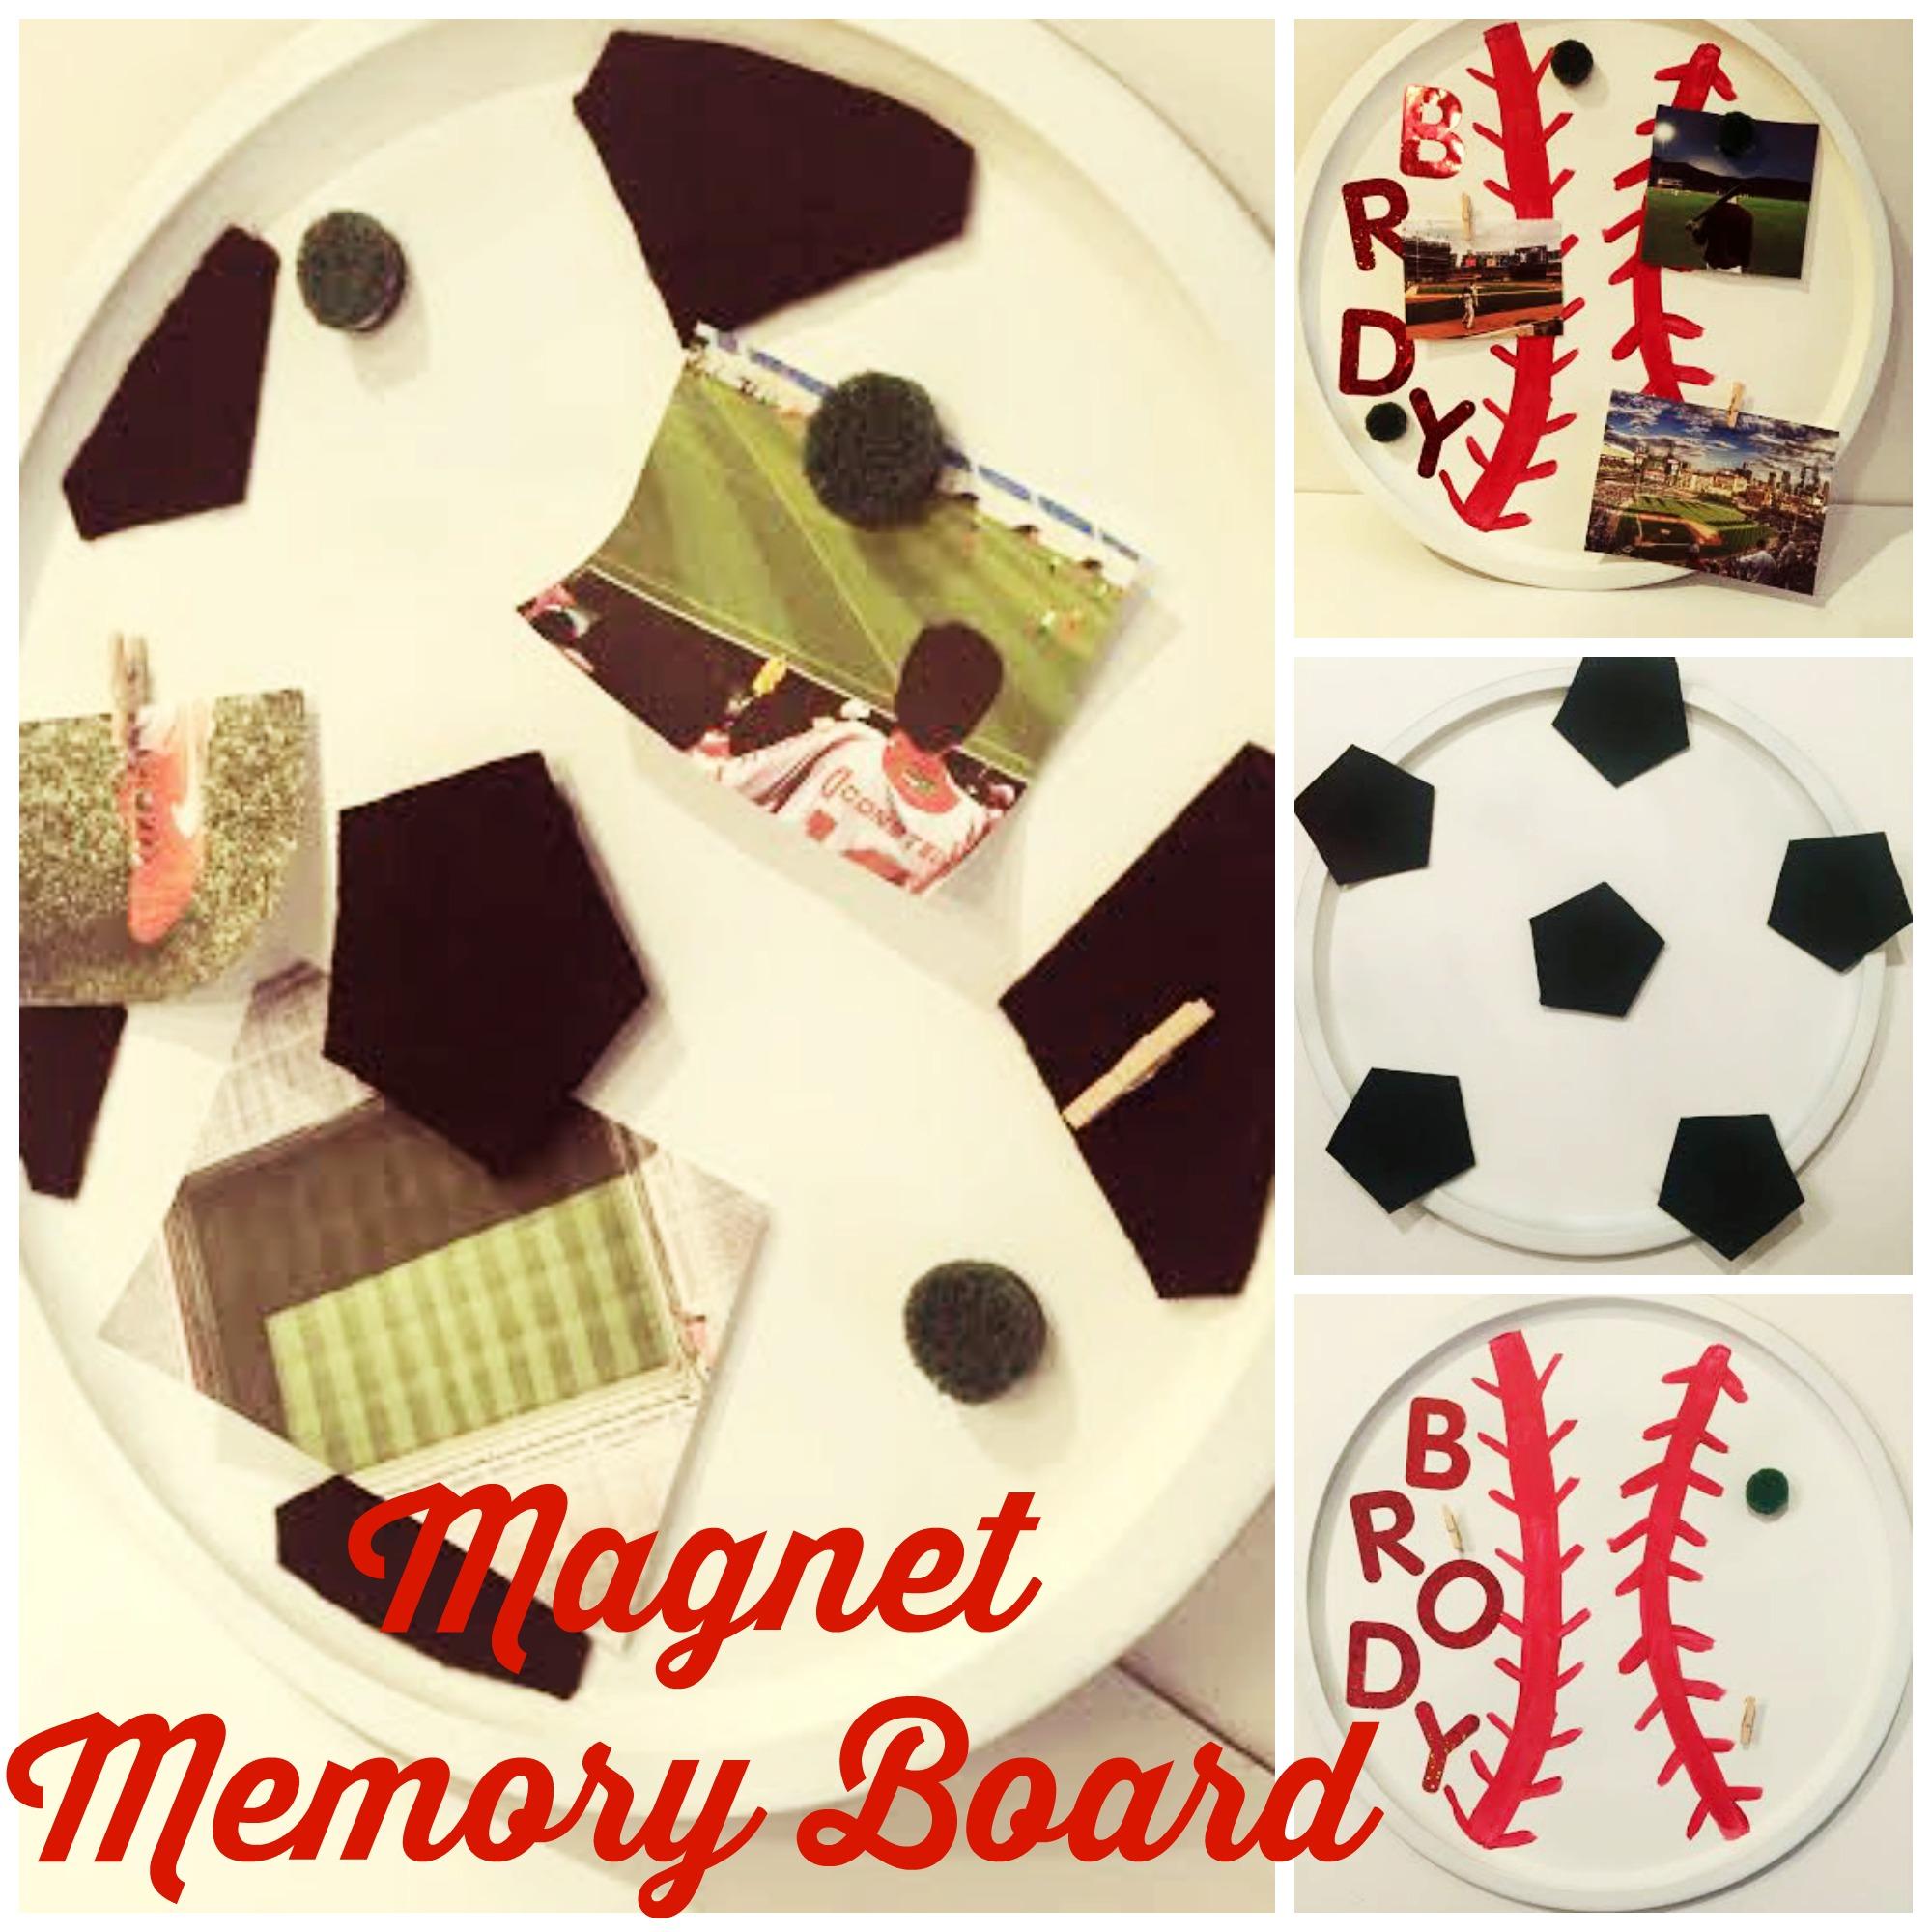 Magnet Memory Board